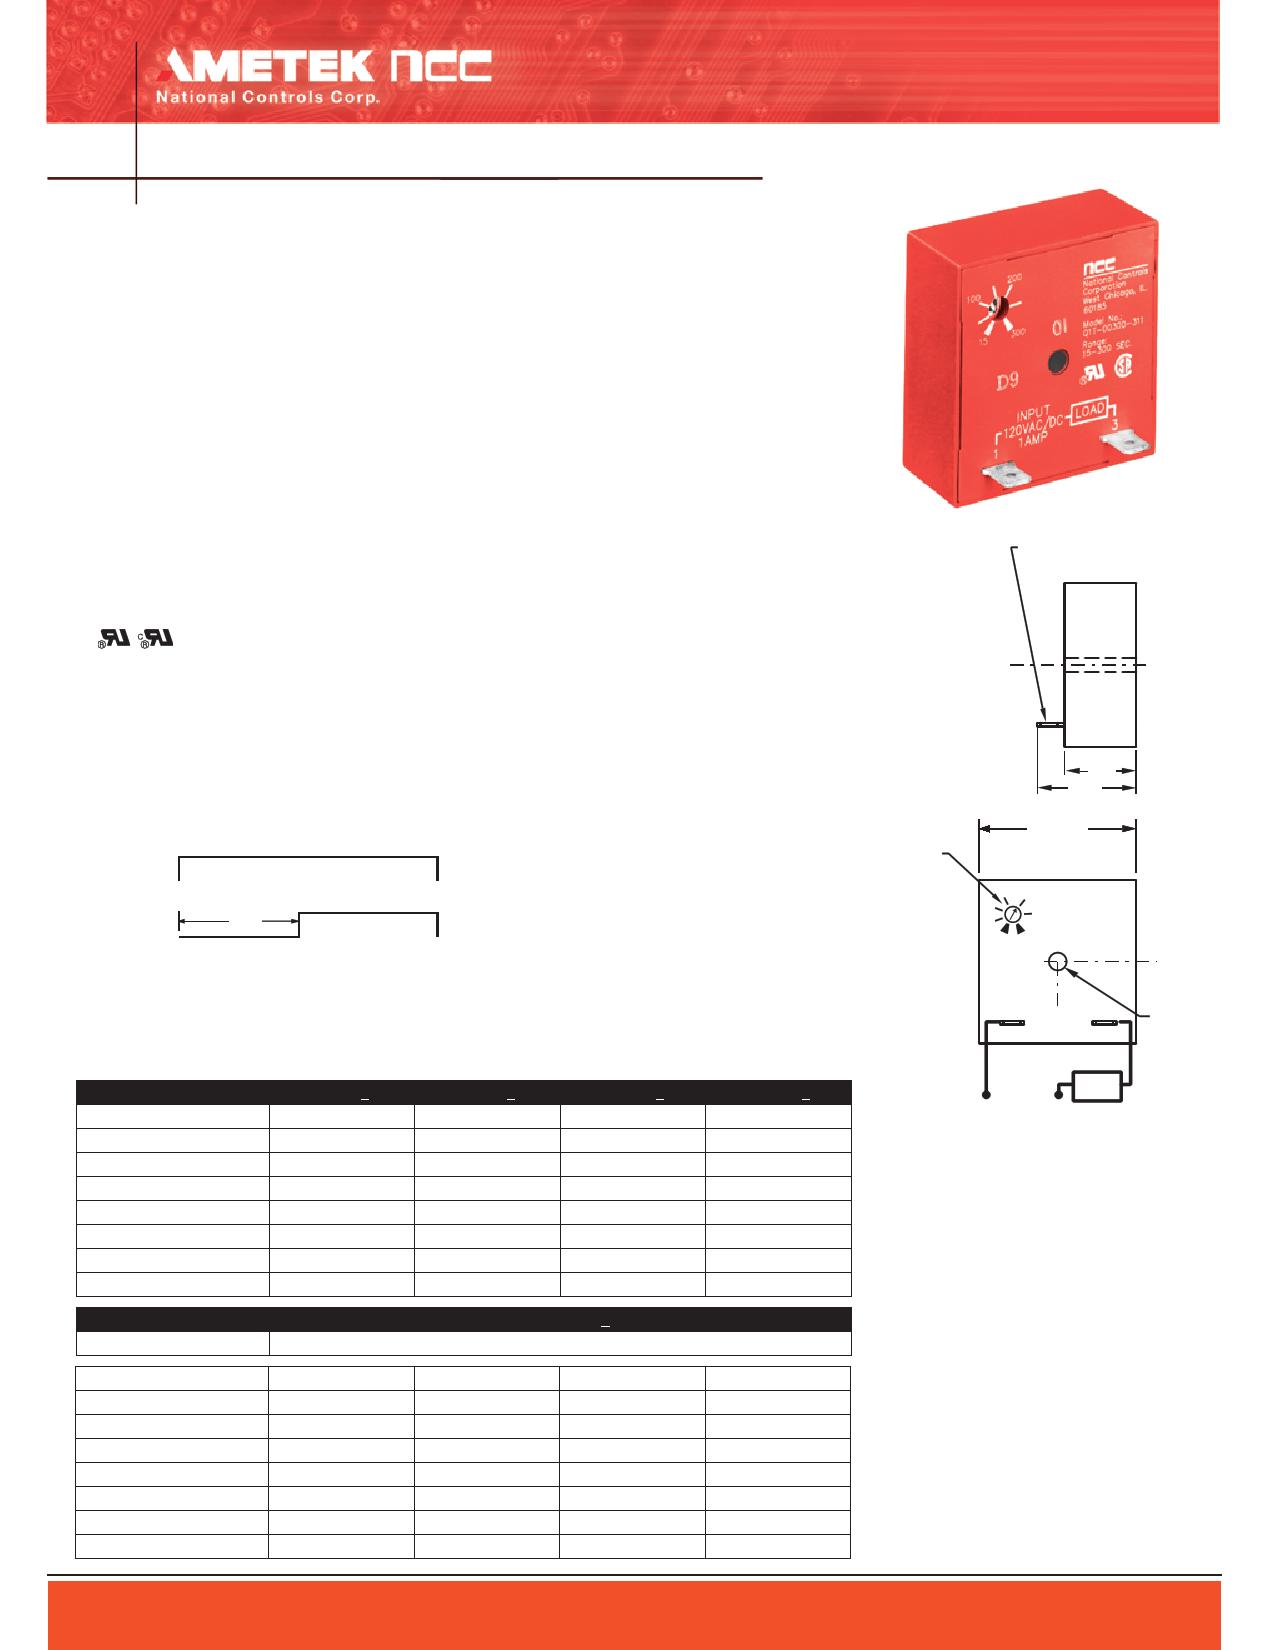 Q1T-00300-315 datasheet